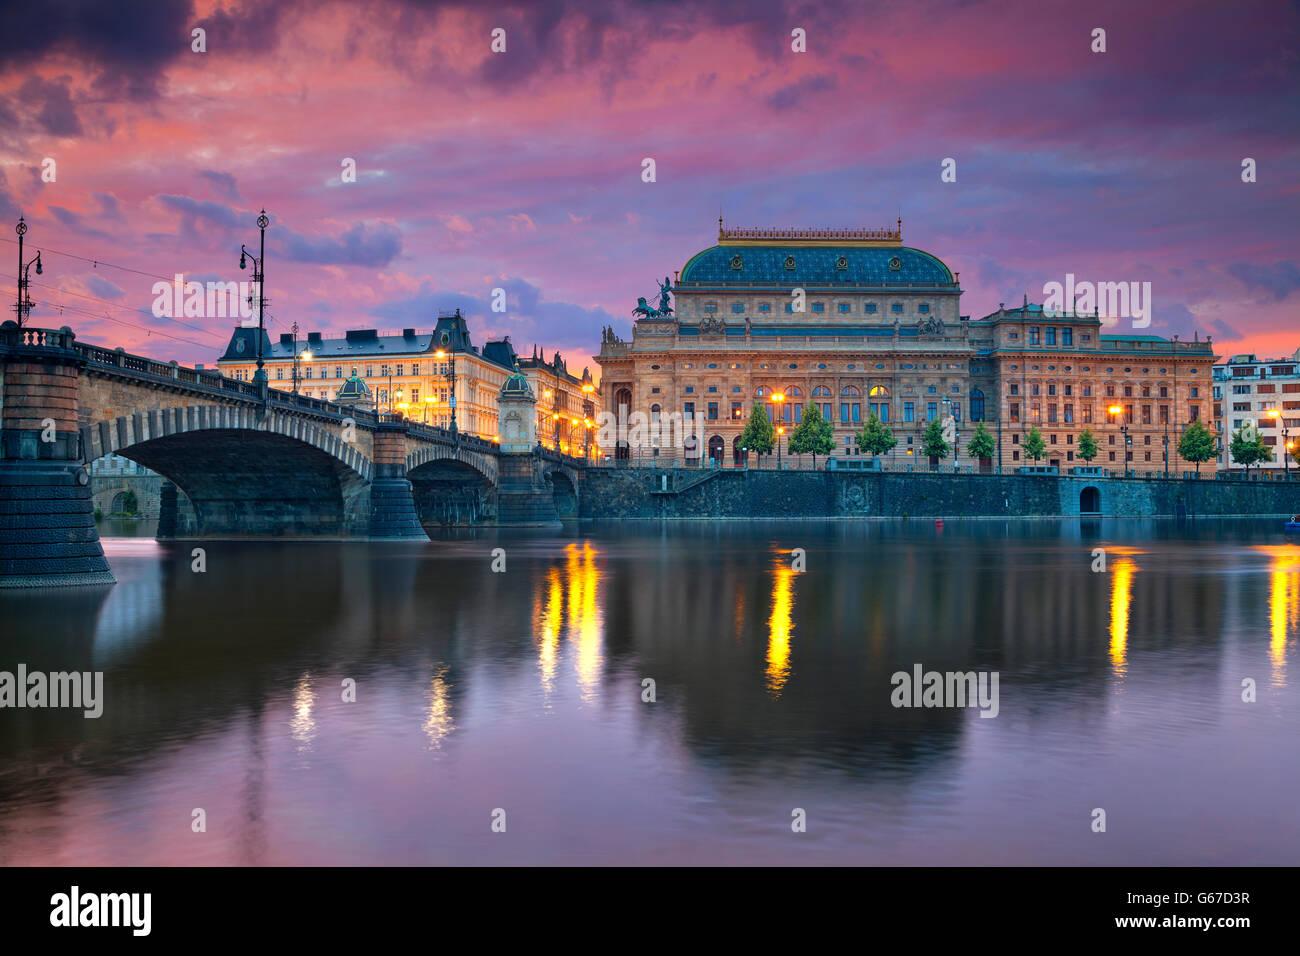 Praga Praga. Imagen de Riverside con el reflejo de la ciudad en el río Vltava y el teatro nacional. Imagen De Stock